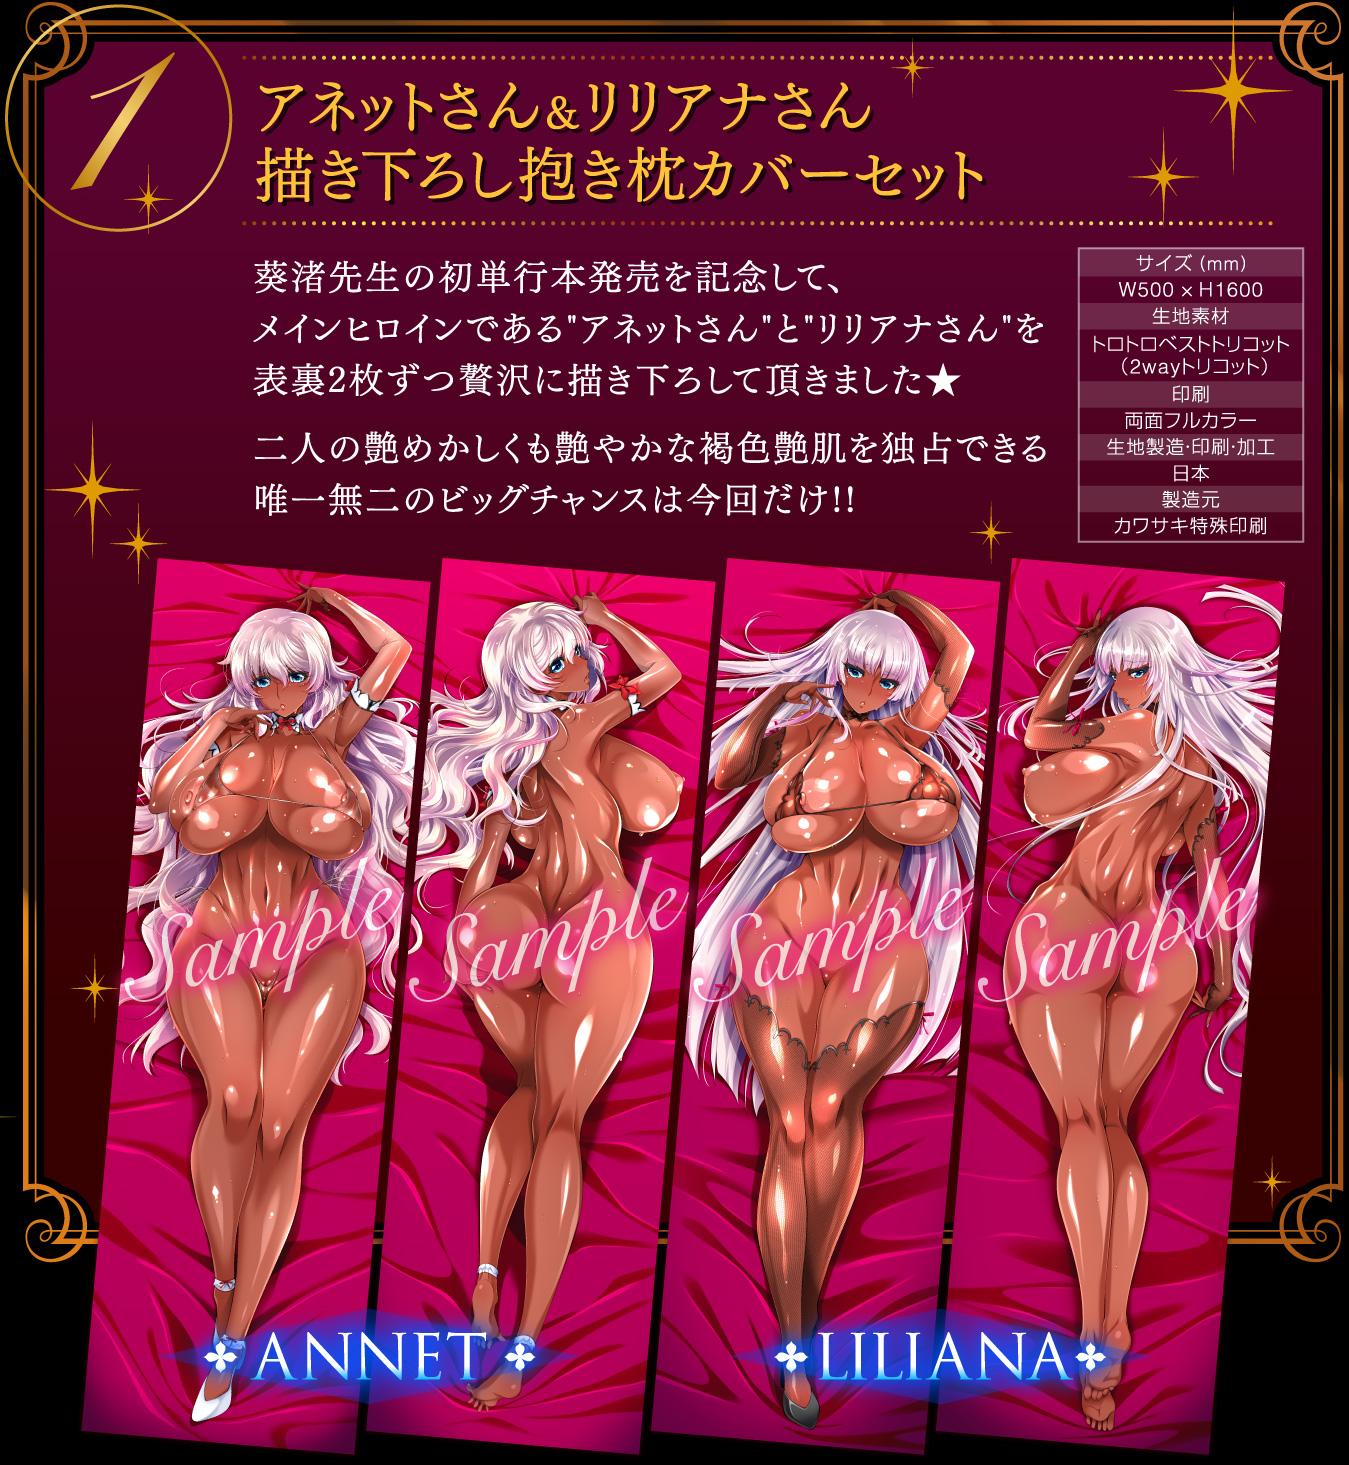 葵渚『アネットさんとリリアナさん 初回限定BOX』書籍&グッズ-001